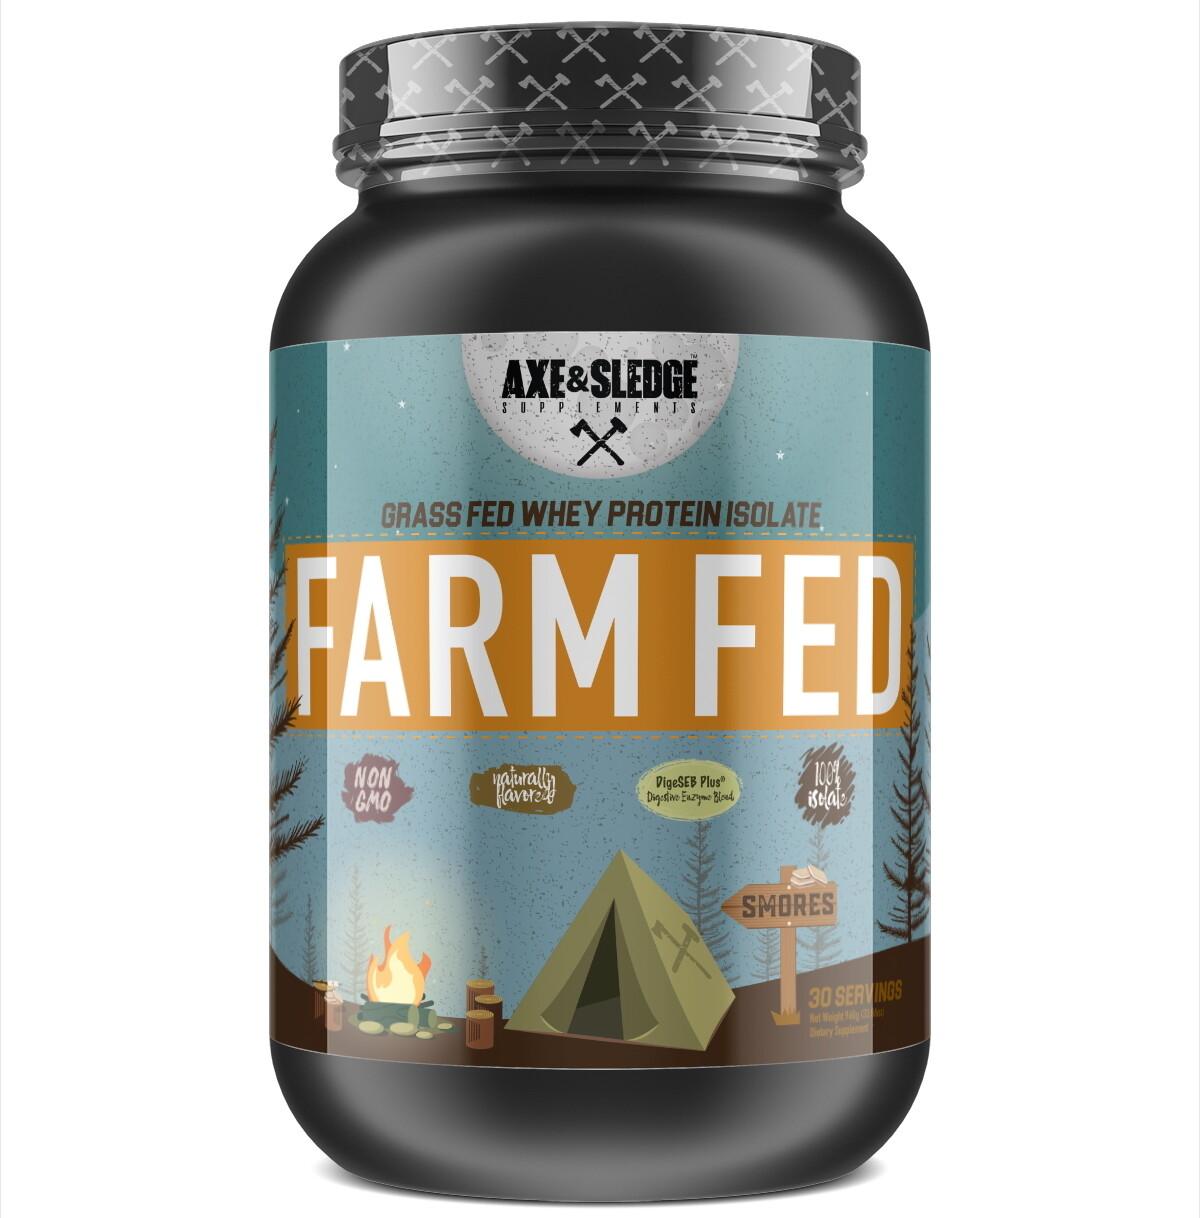 Axe & Sledge Farm Fed - Smores